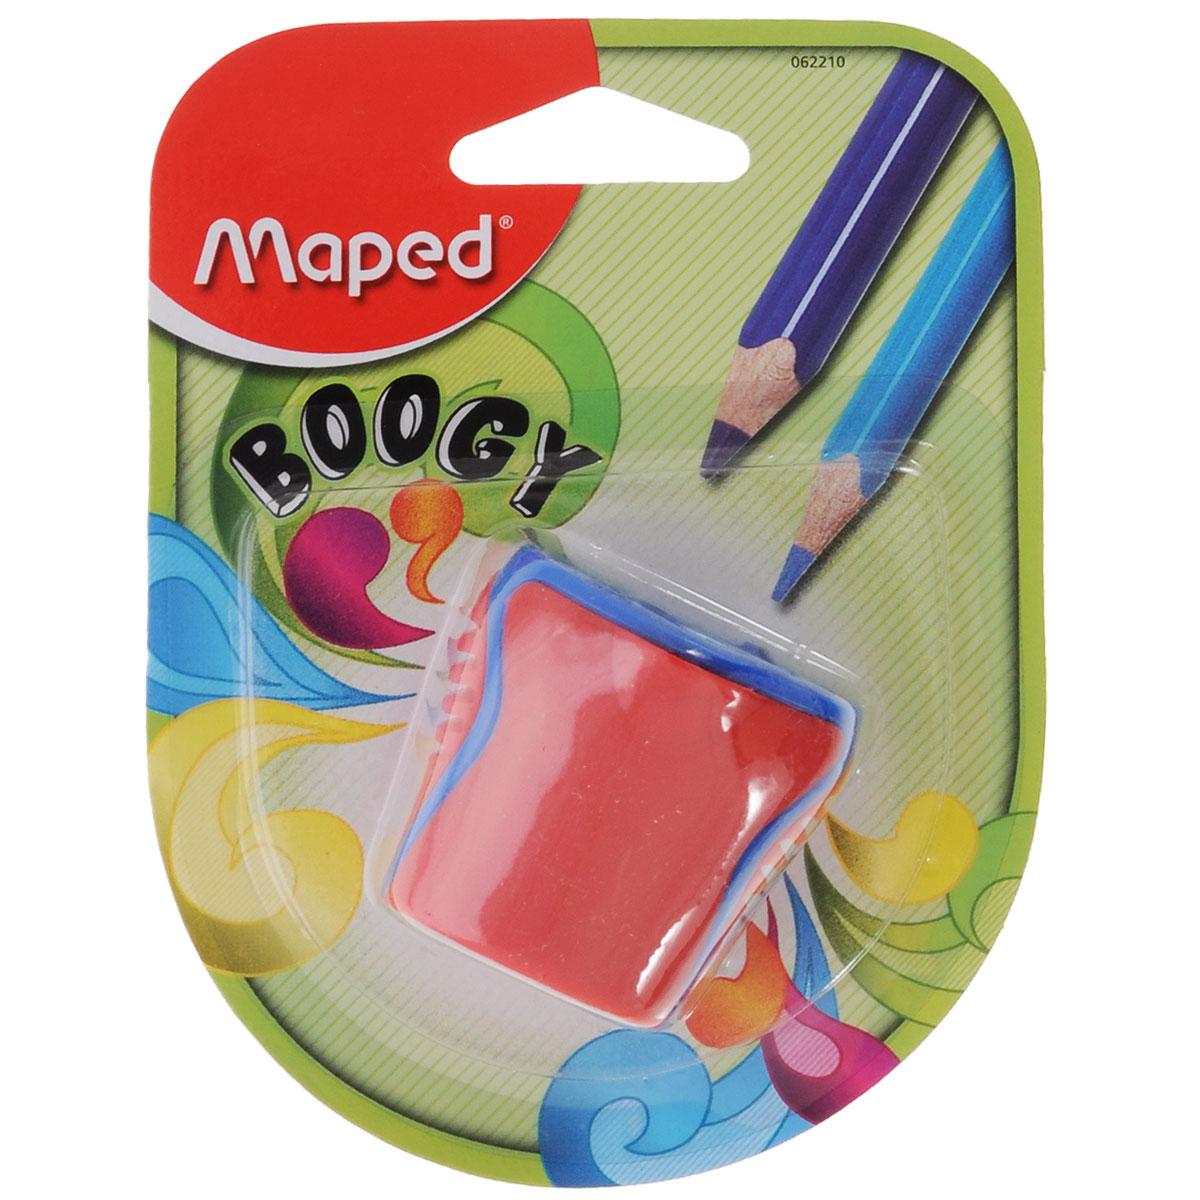 Точилка Maped Boogy, с 2 отверстиями, цвет: красный62210_красныйТочилка  Boogy с двумя отверстиями выполнена из ударопрочного пластика. Полупрозрачный контейнер для сбора стружки повышенной вместимости позволяет визуально контролировать уровень заполнения и вовремя производить очистку.